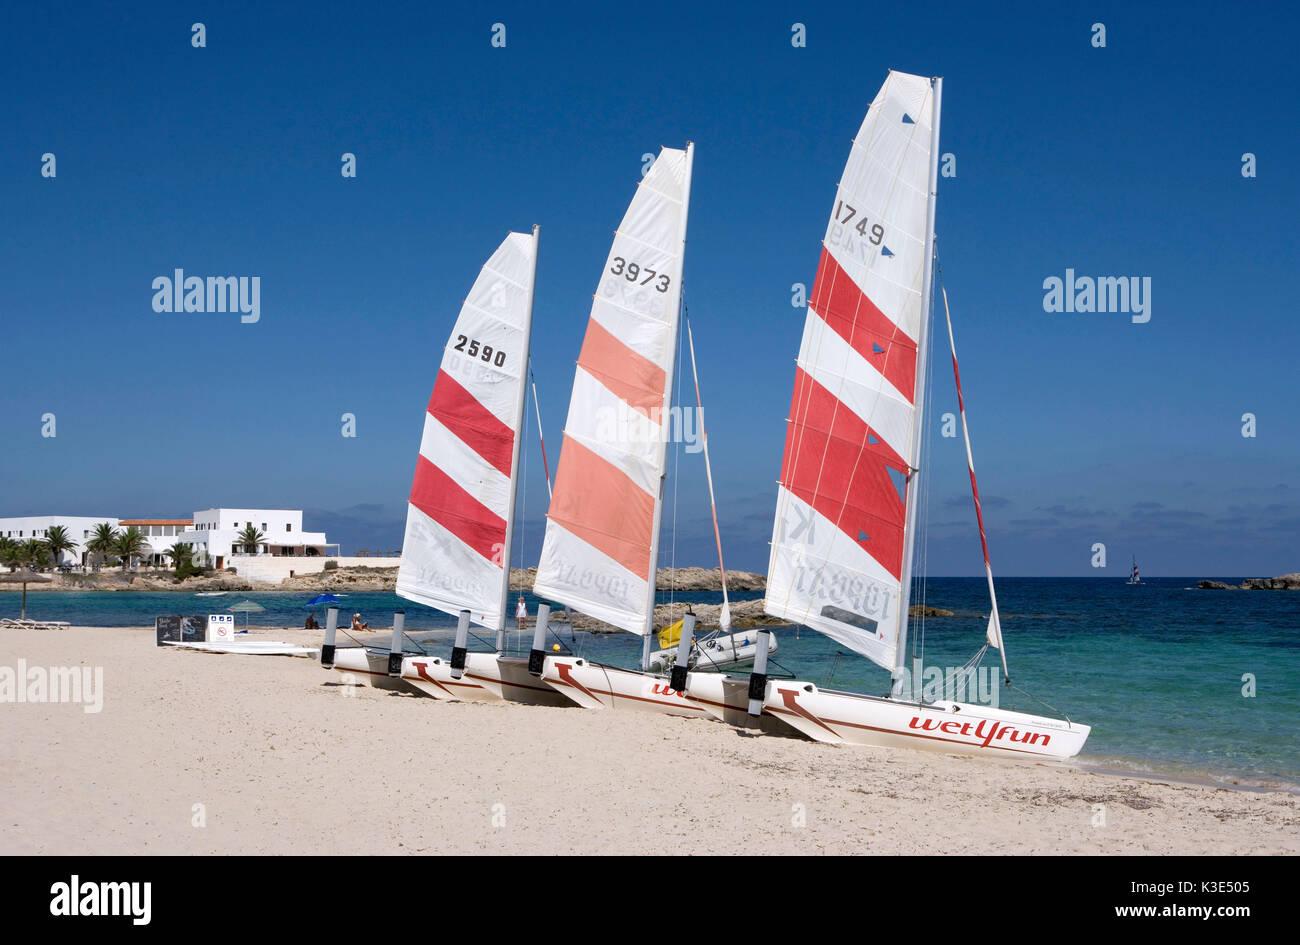 Es Pujols - Touristischer Mittelpunkt der Insel -  Strand - Katamarane Stock Photo